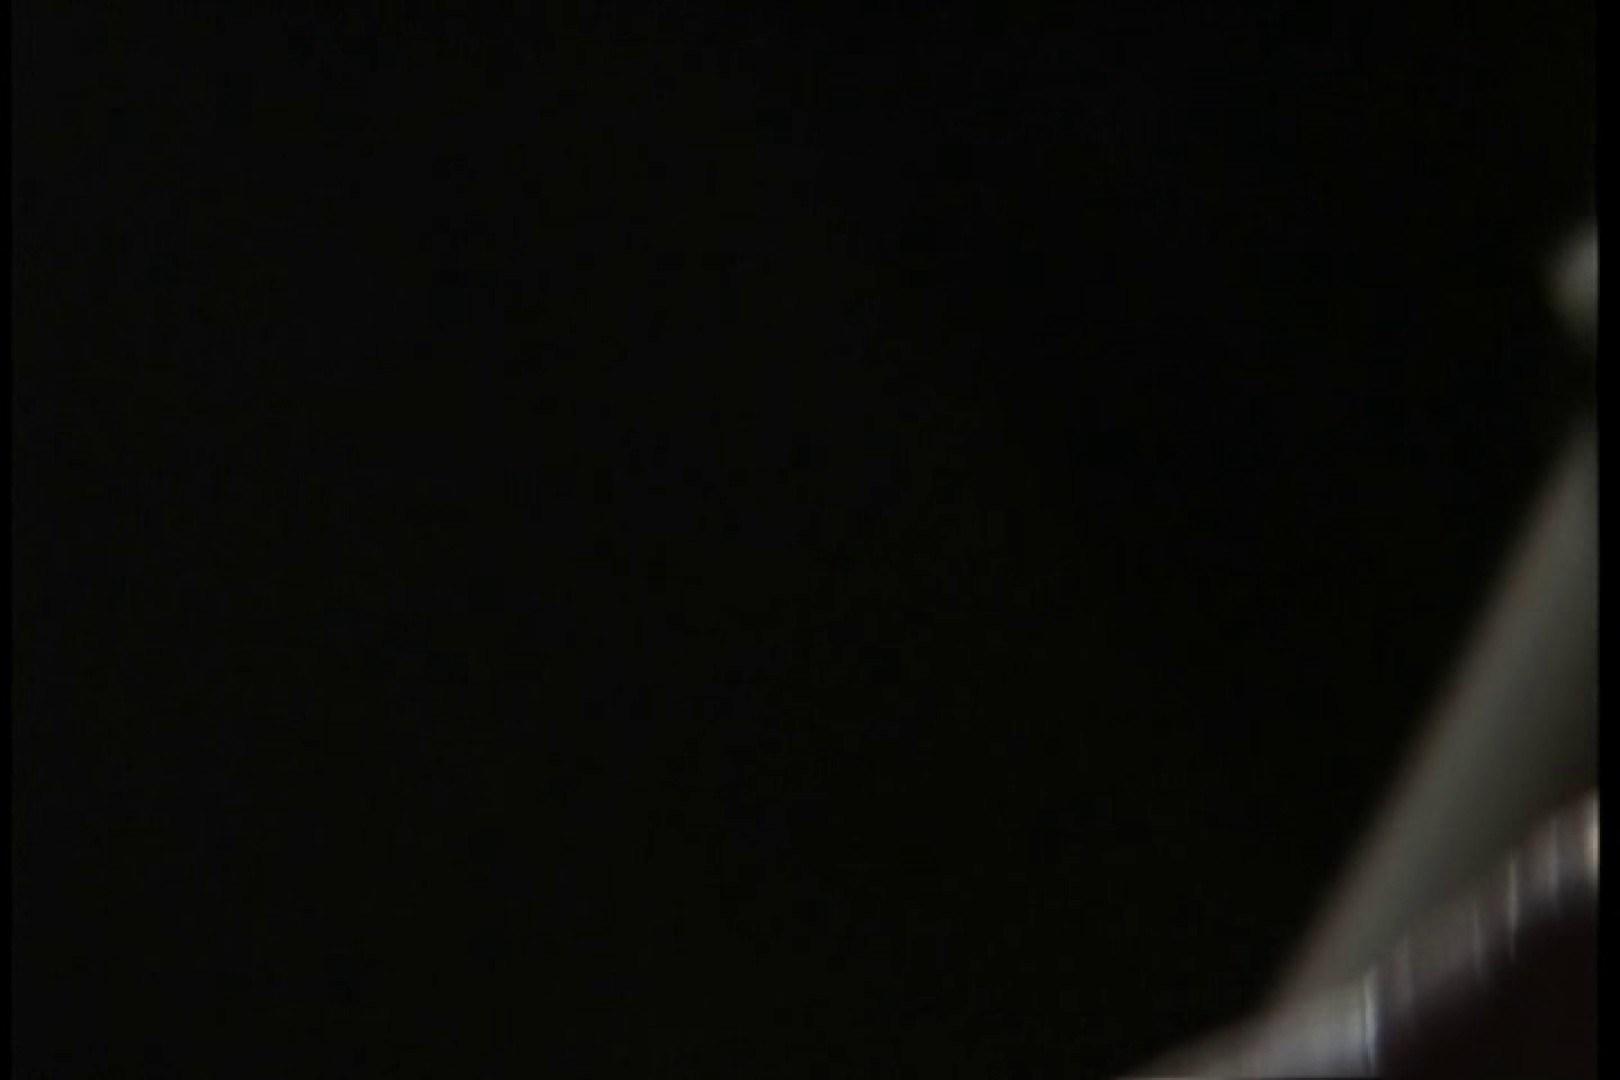 あなたの知らない快感と狂喜の世界~後編 ローター遊び   クンニ  76PIX 34